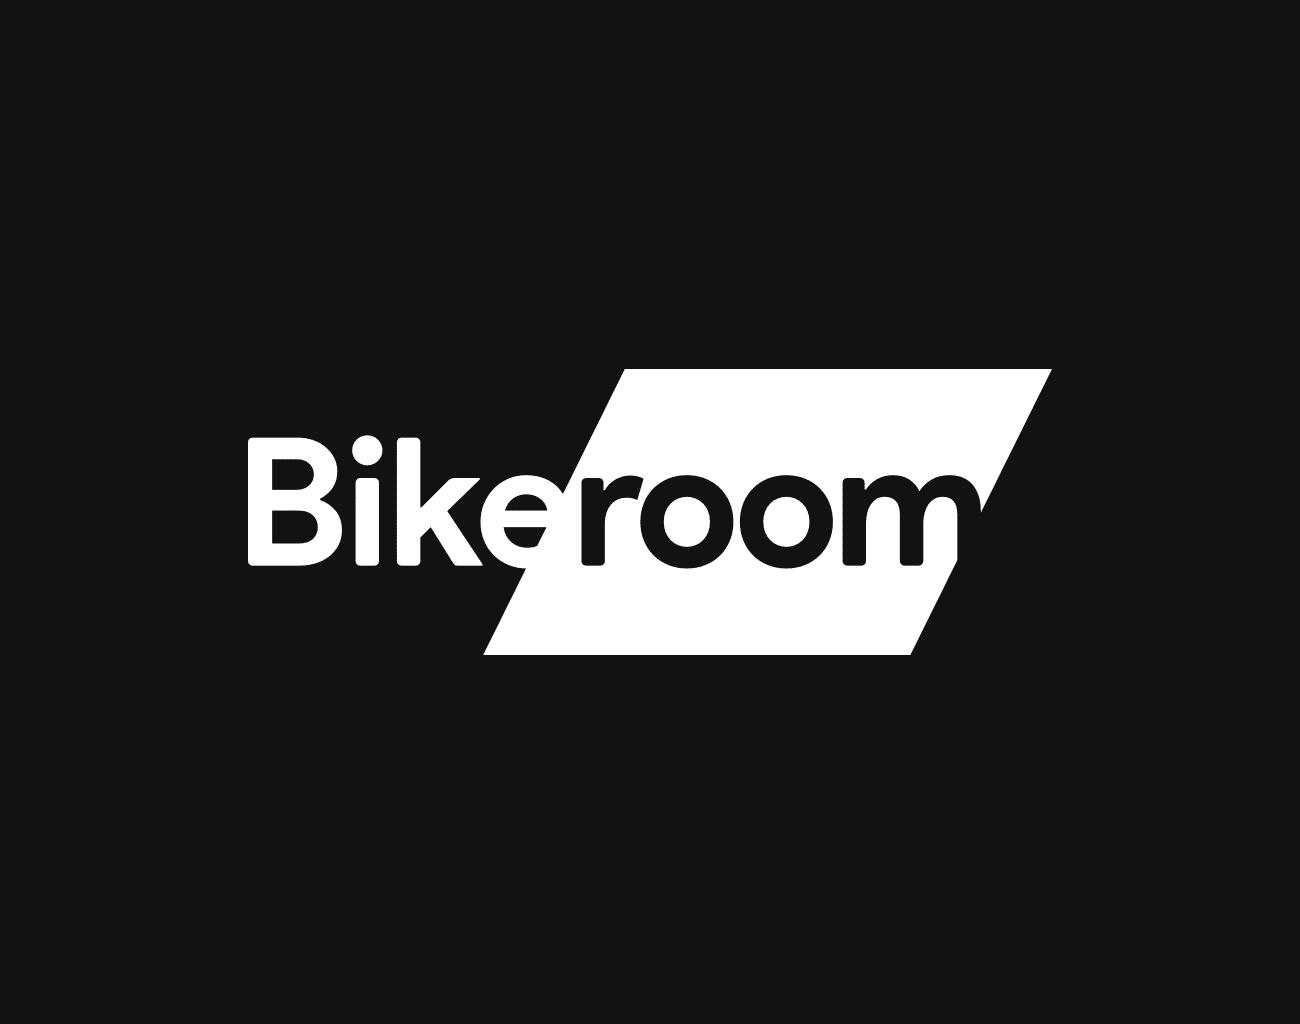 Bike-room.com chiude un aumento di capitale da 300mila euro